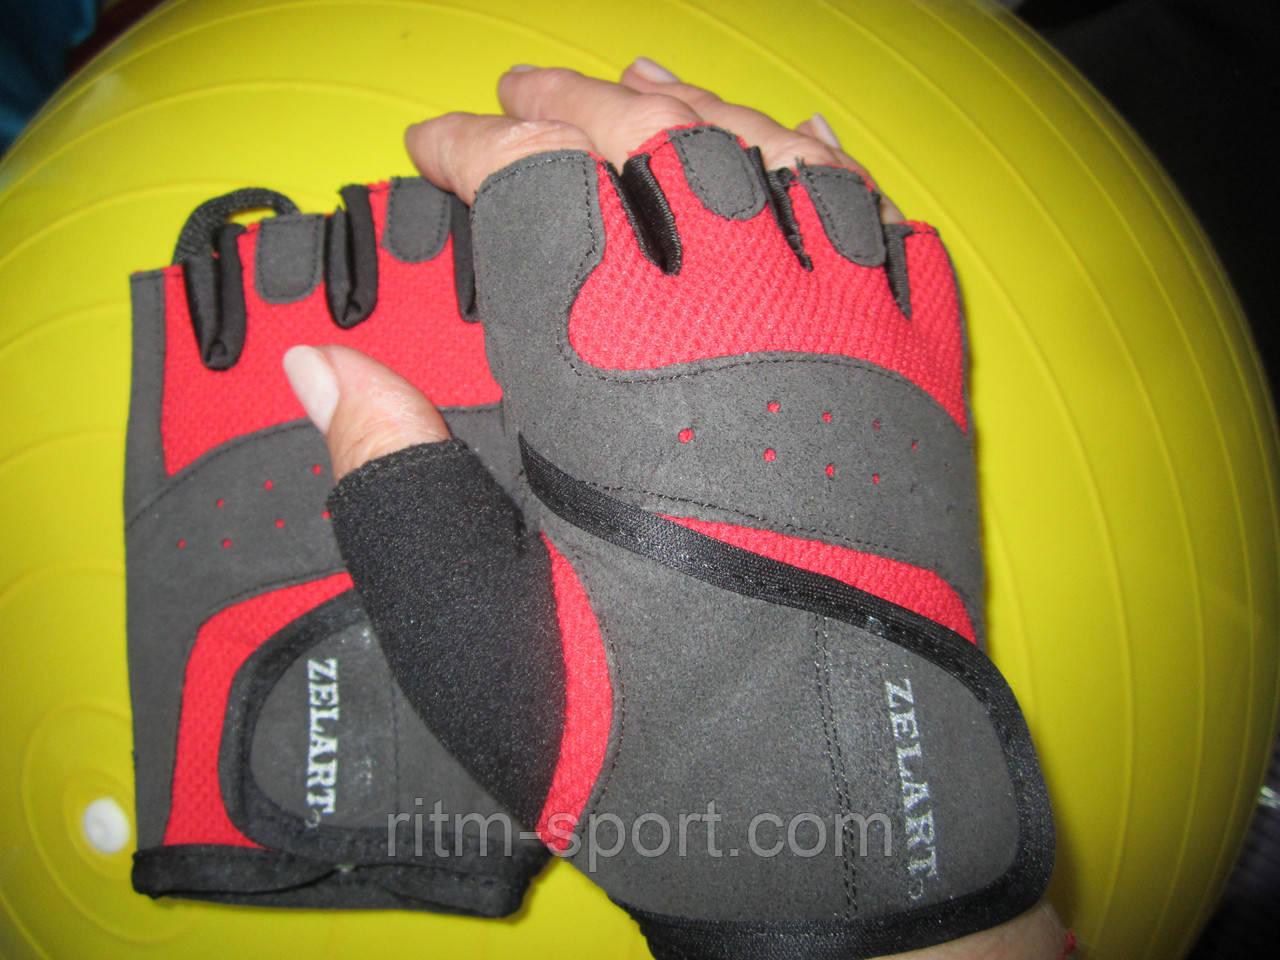 Перчатки для фитнеса и тренажерного зала